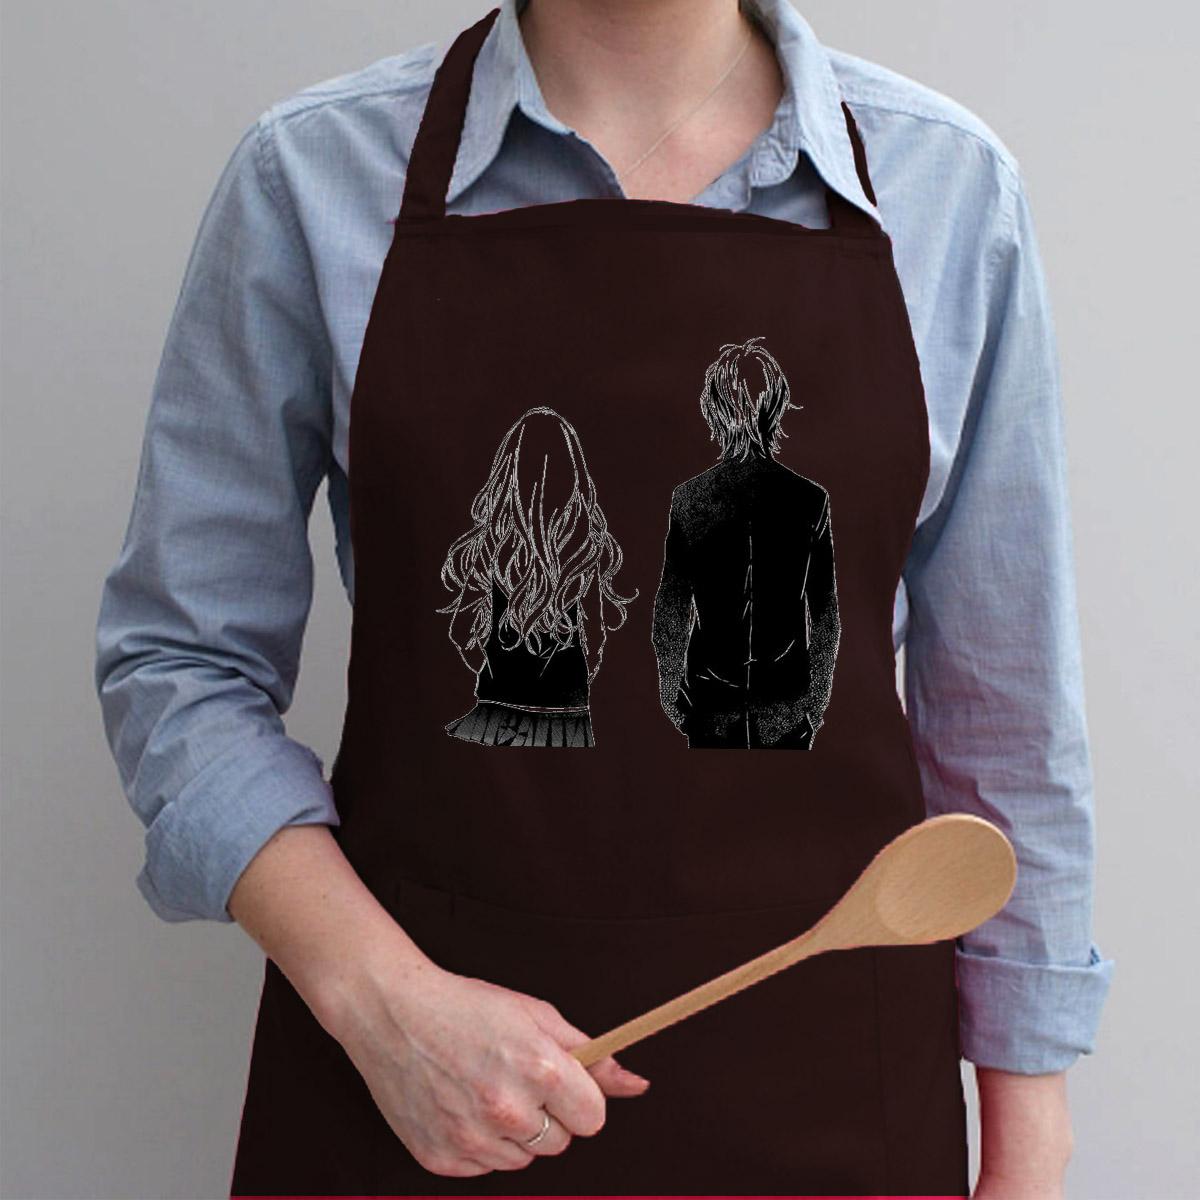 Tạp Dề Làm Bếp In Hình Tình Yêu Đôi Lứa Valentine - Mẫu012